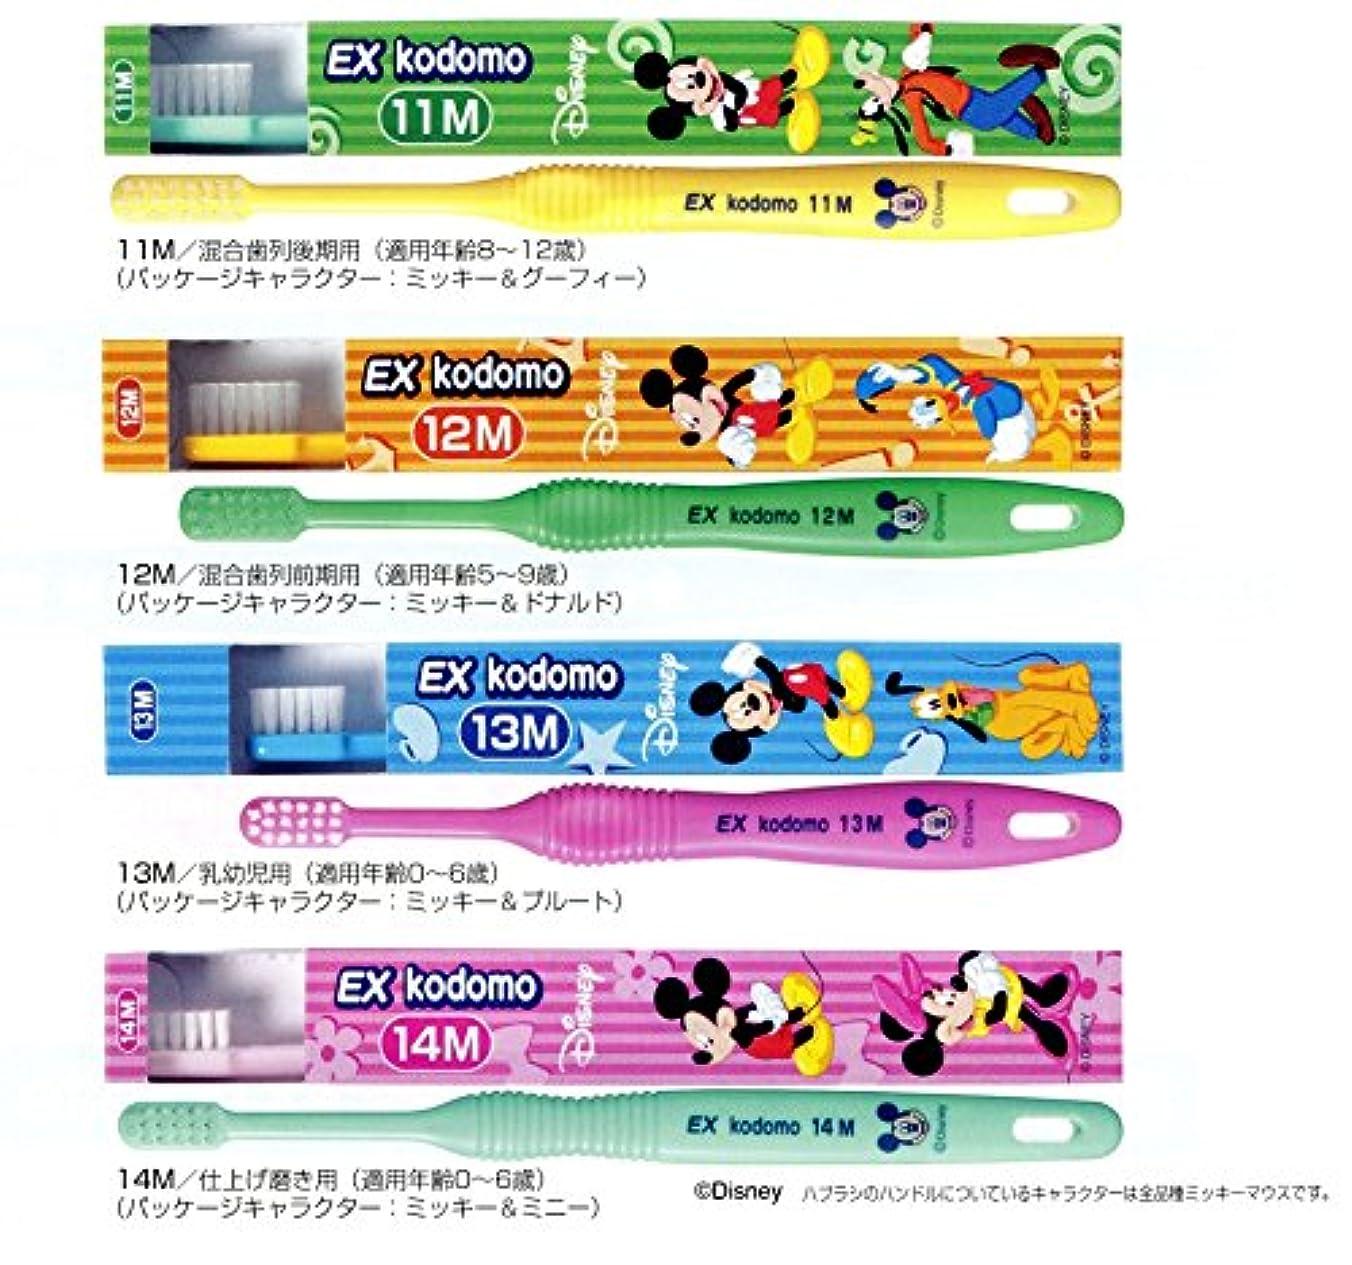 吐き出すフェデレーション子孫ライオン コドモ ディズニー DENT.EX kodomo Disney 1本 11M ピンク (8?12歳)